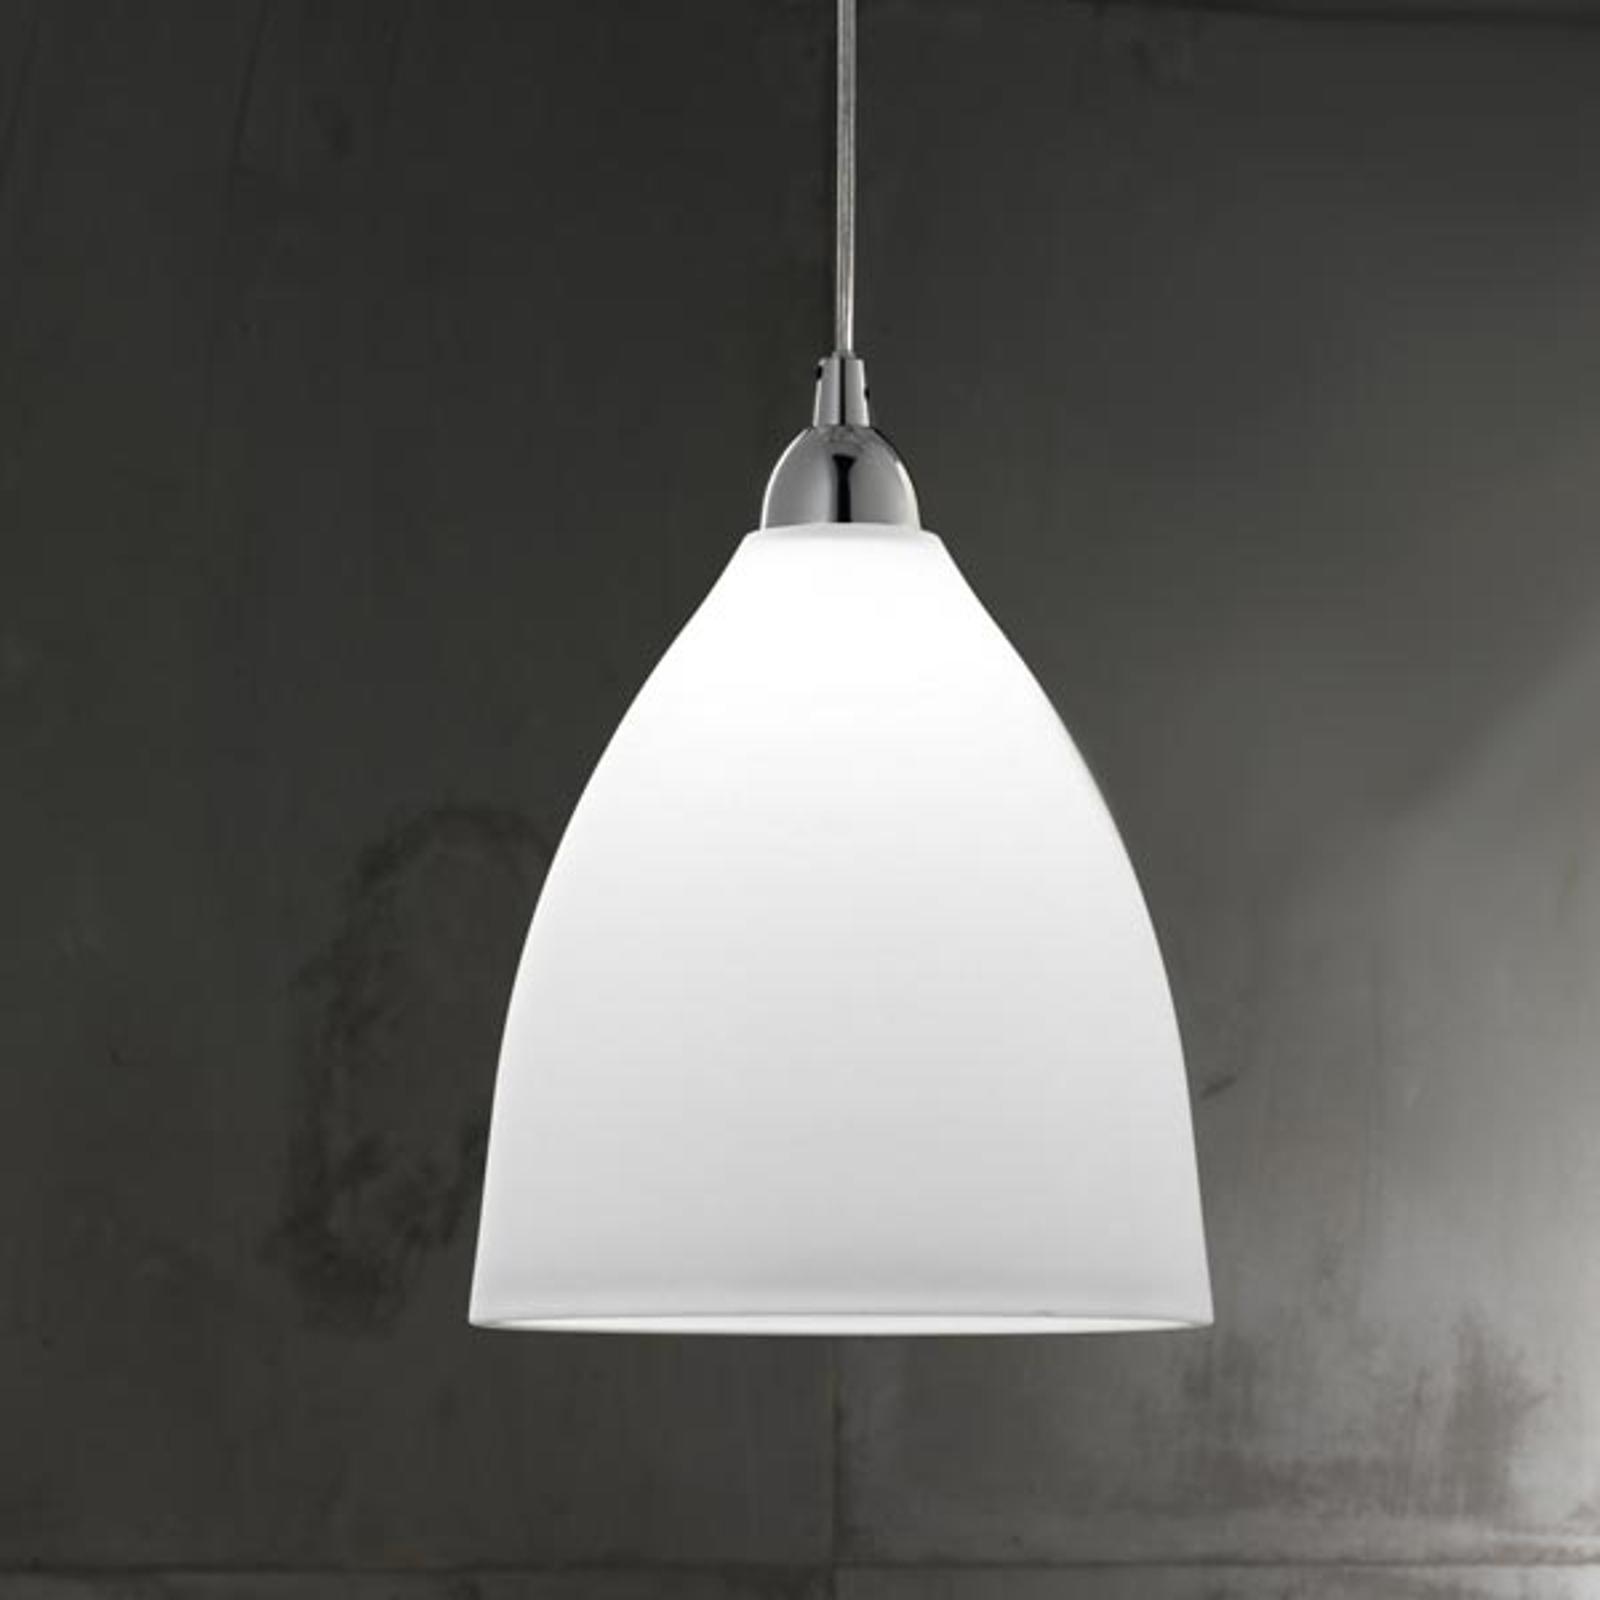 Sklenená závesná lampa PROVENZA 20 cm biela